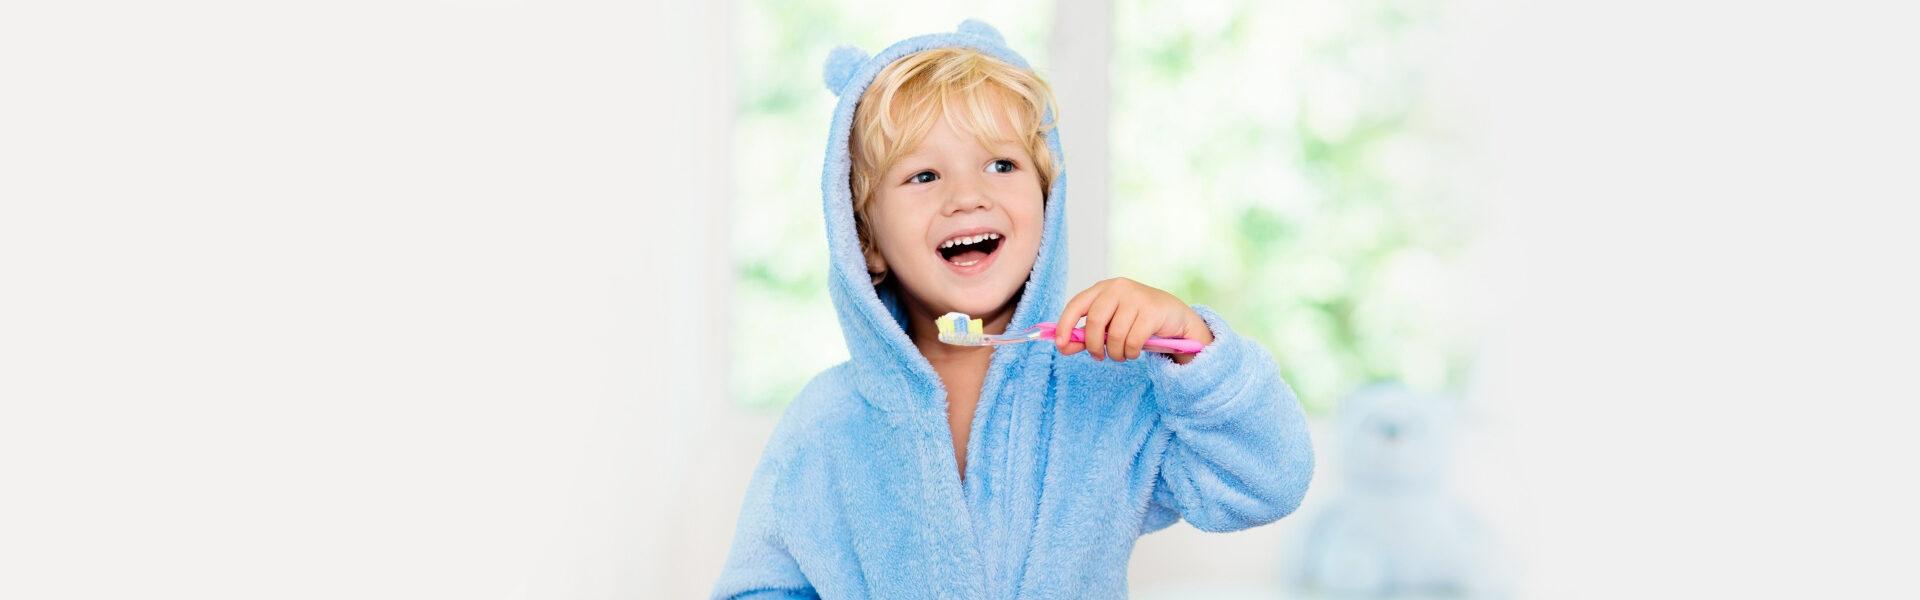 Dental Sealants in Auburn, WA - Sealants Near You